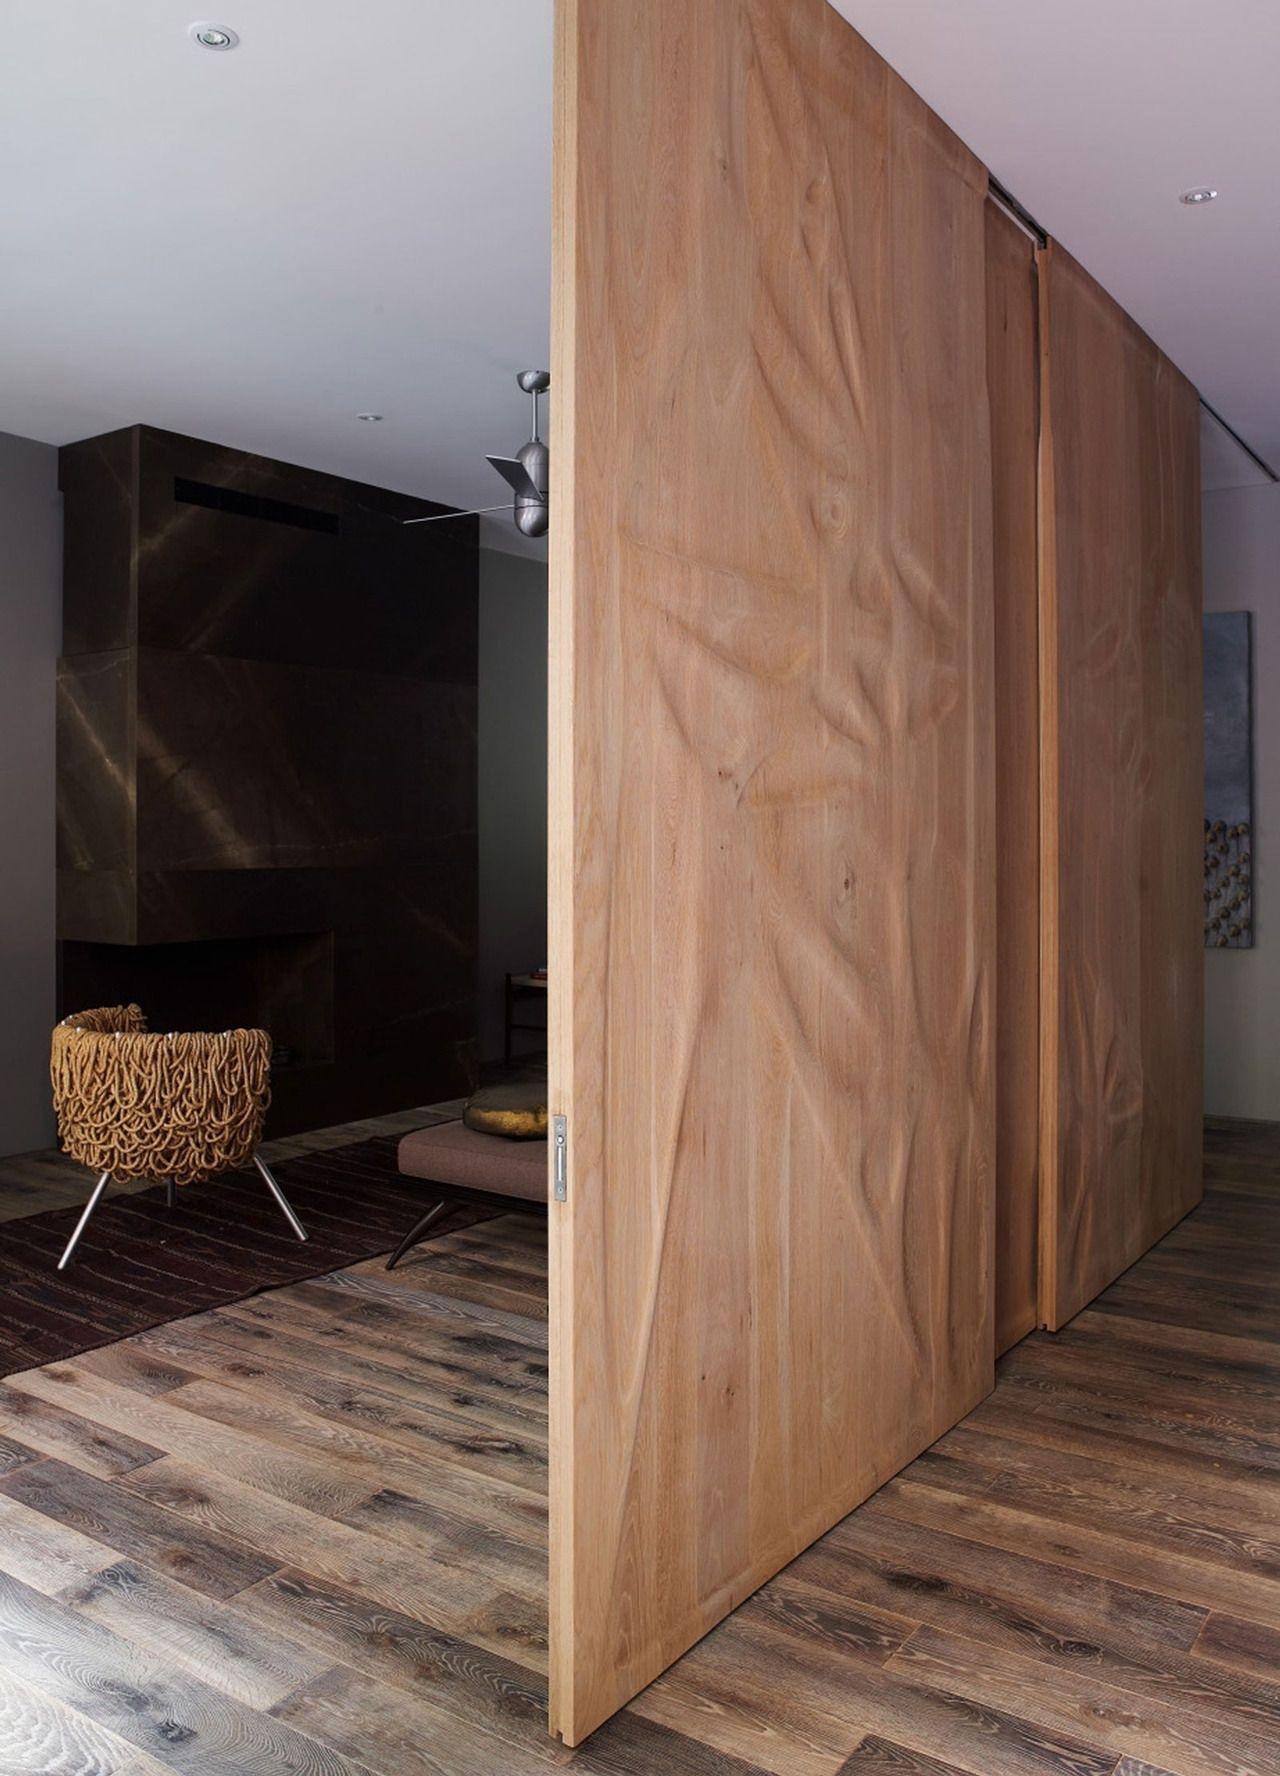 Межкомнатные двери в интерьере - 65 фото идей http://happymodern.ru/mezhkomnatnye-dveri-v-interere-65-foto/ 32 Смотри больше http://happymodern.ru/mezhkomnatnye-dveri-v-interere-65-foto/